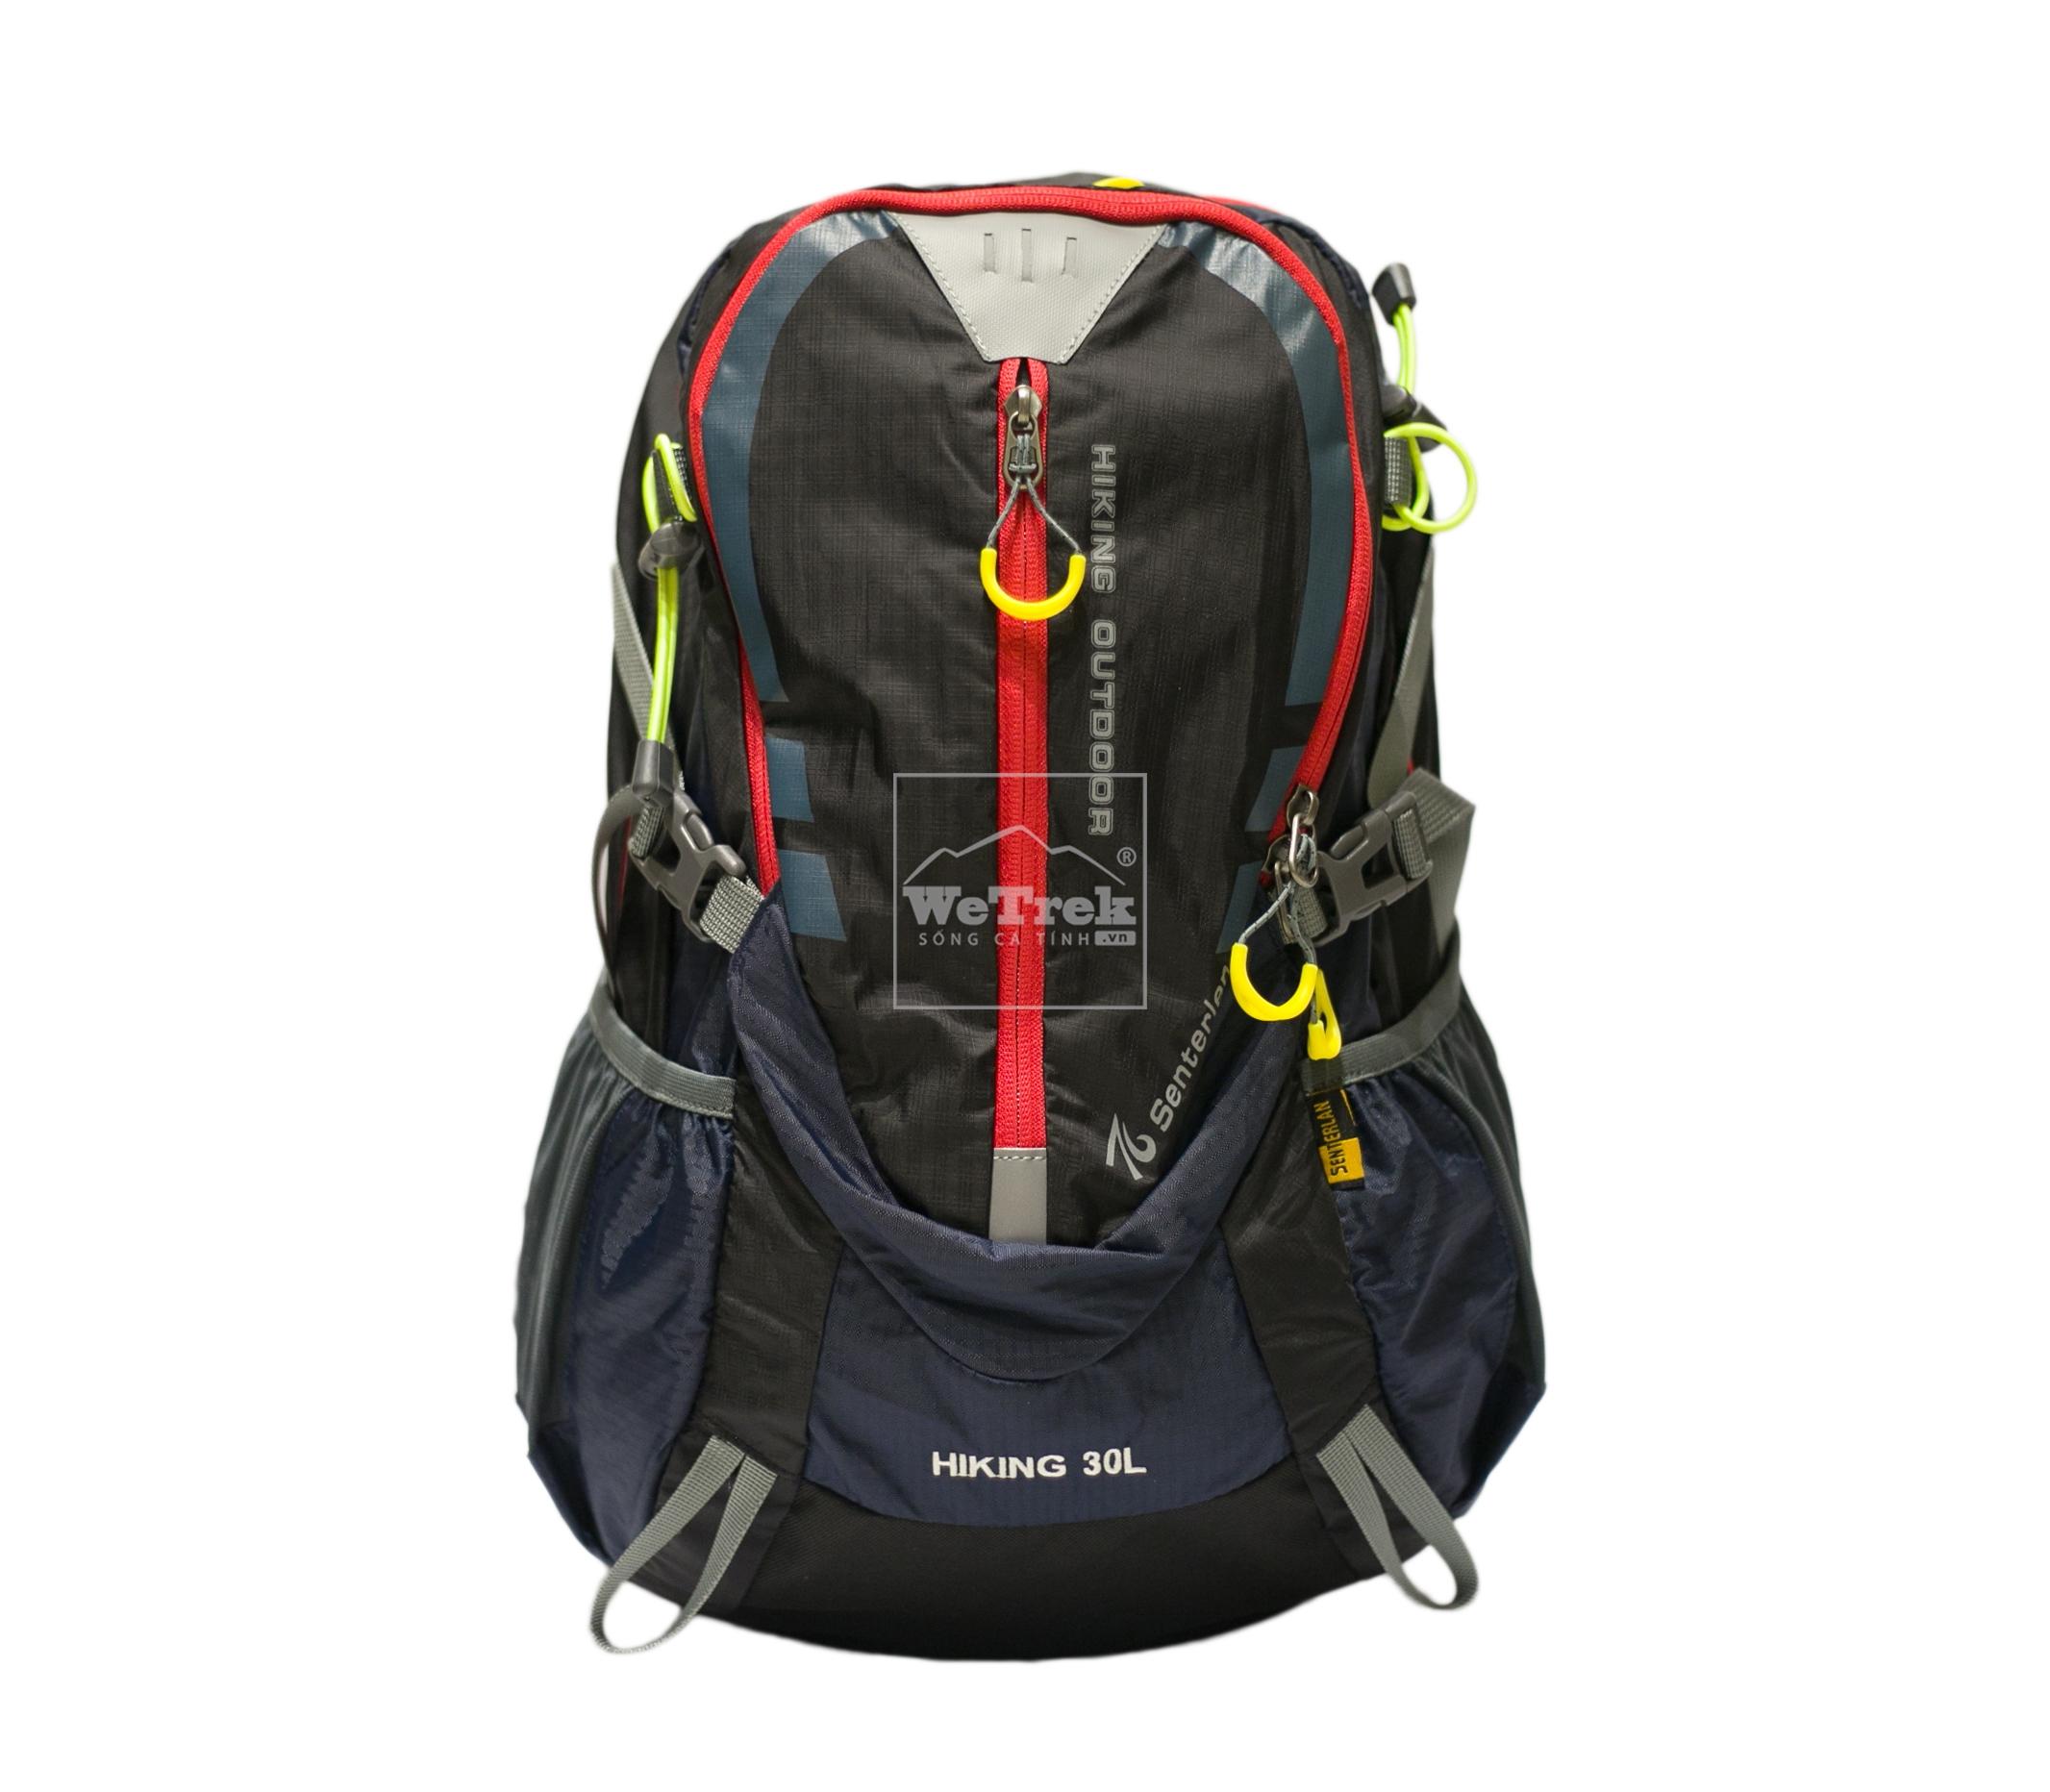 Balo leo núi Senterlan Hiking Outdoor S2310 - 8452 Đen